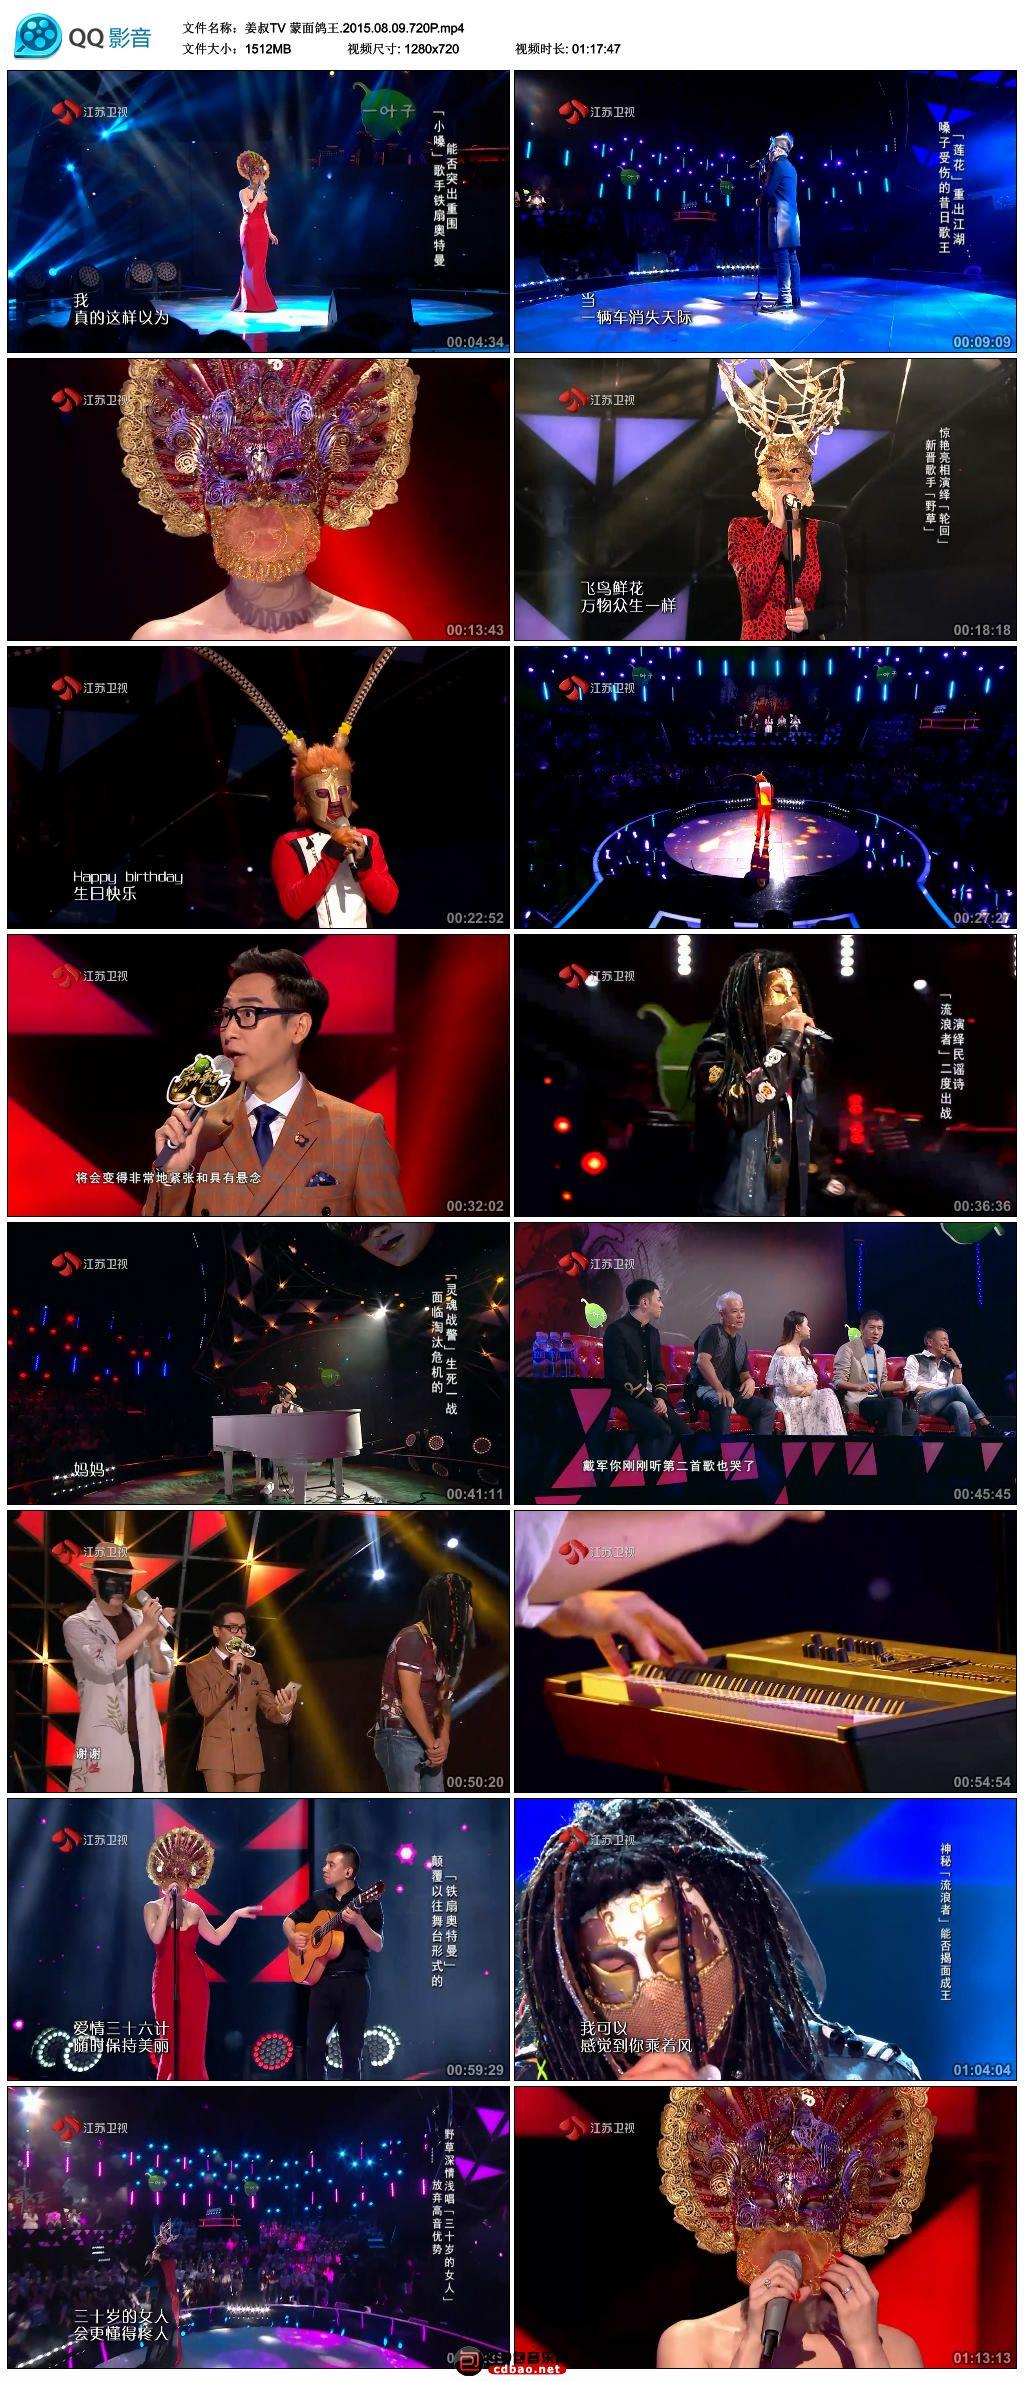 姜叔TV 蒙面鸽王.2015.08.09.720P.mp4_thumbs_2015.08.10.13_44_29.jpg